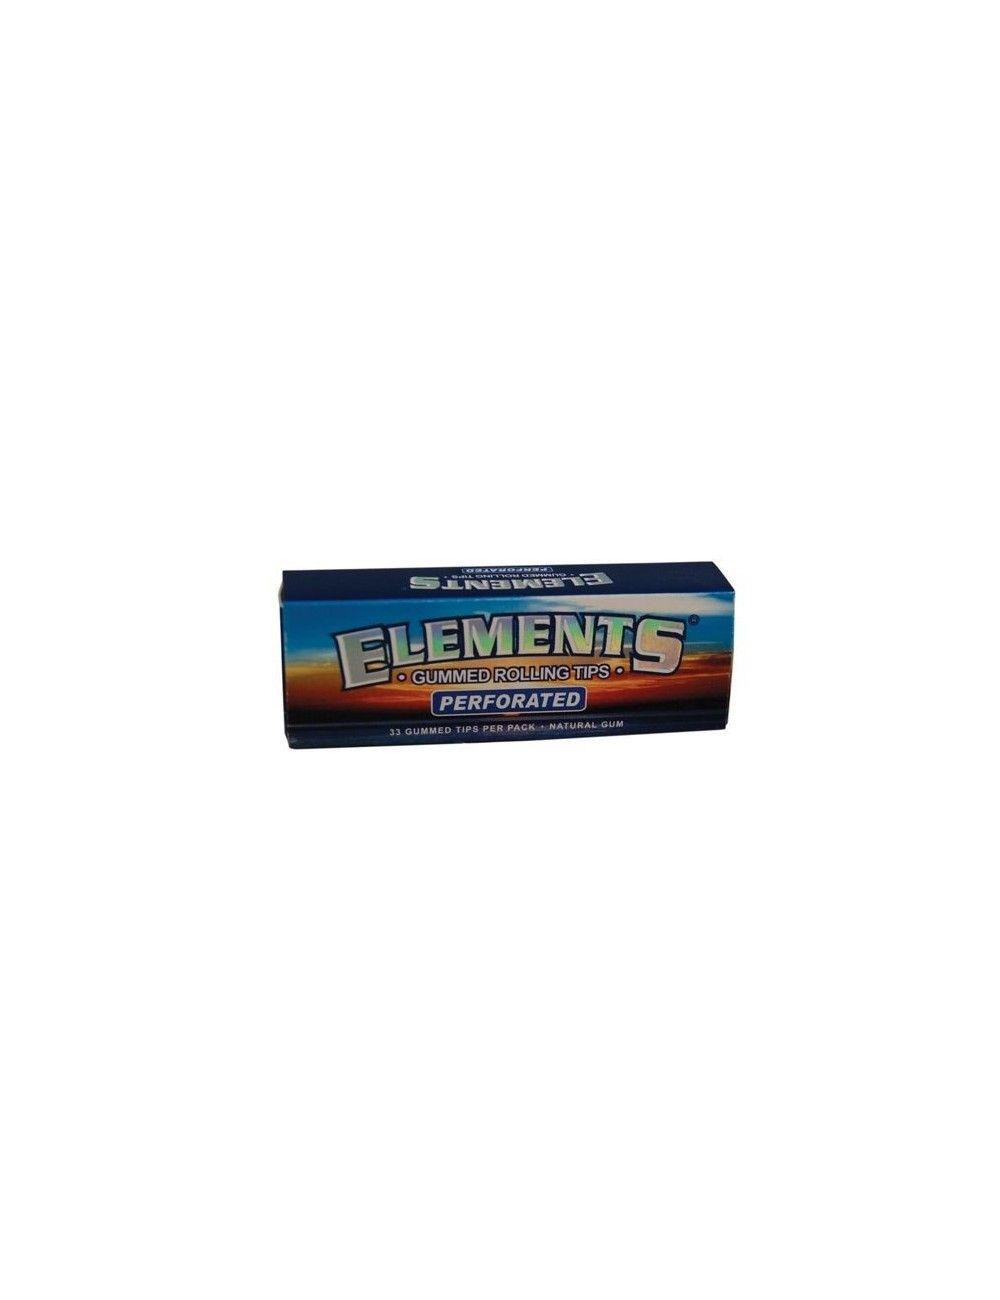 Tips Elements Gummed